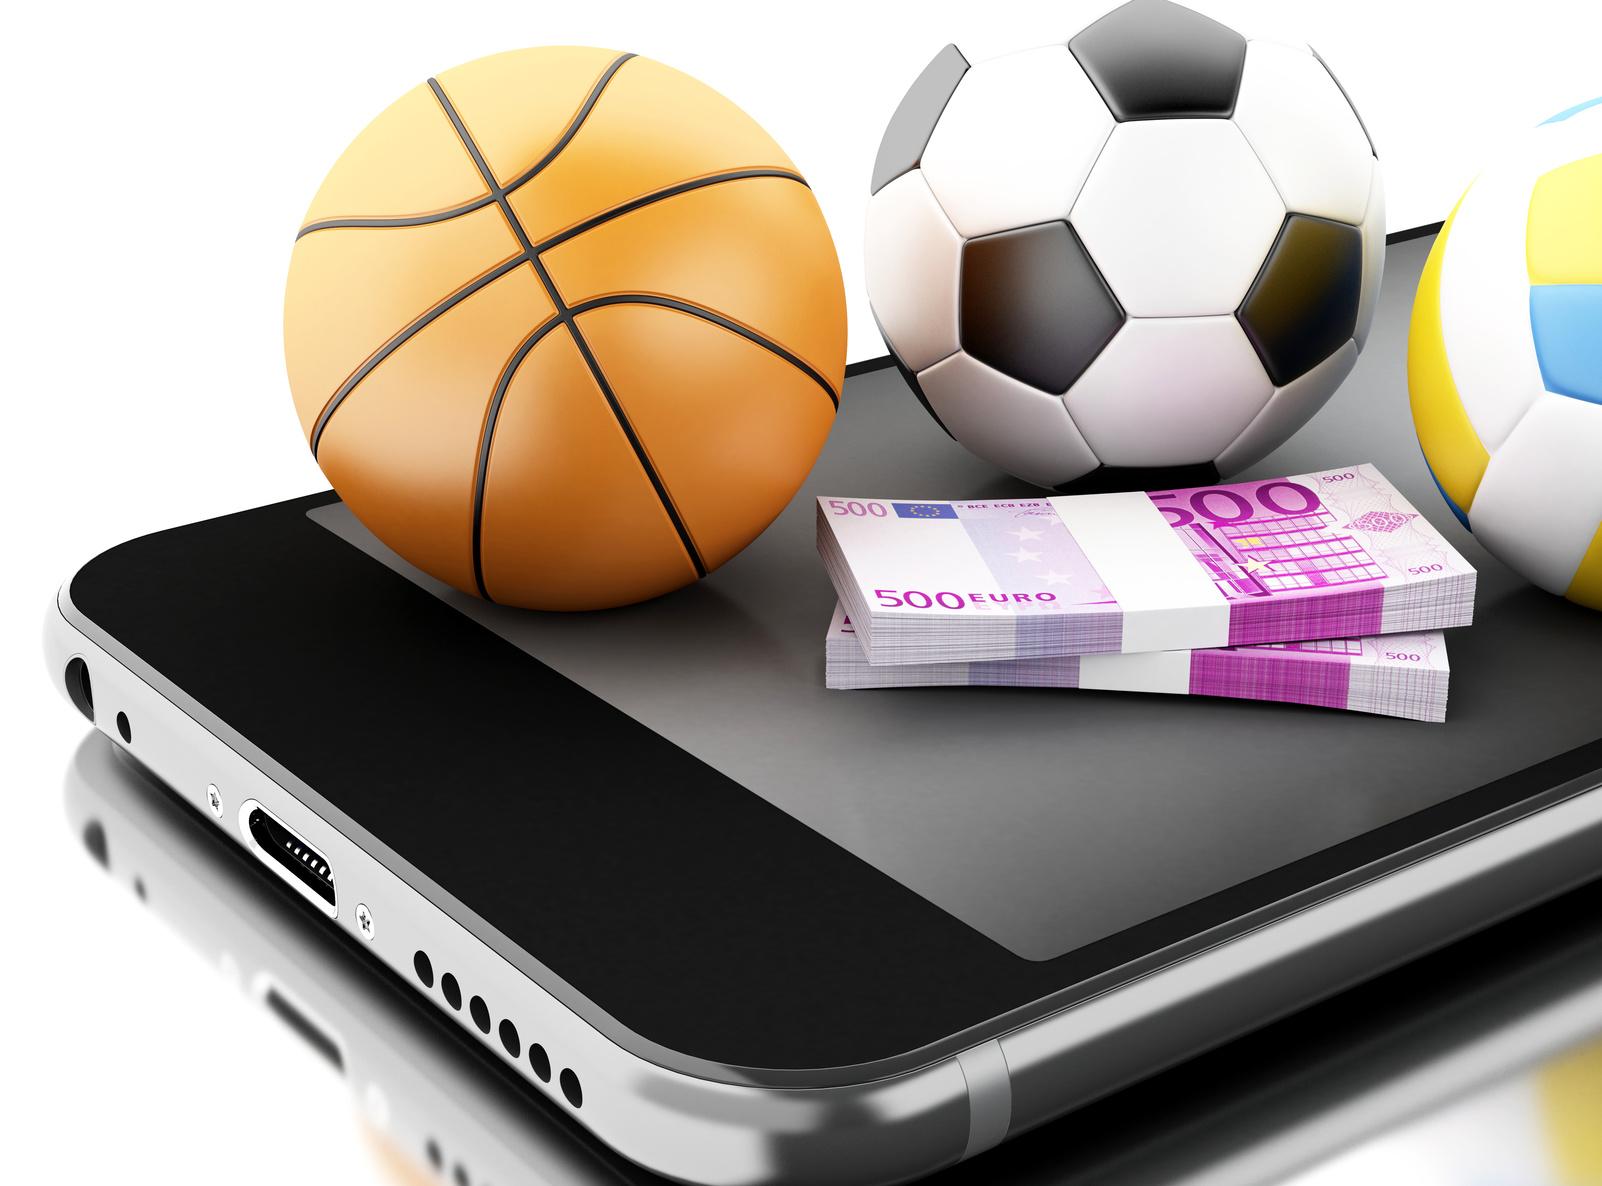 ¿Qué es la cuota en las apuestas deportivas? > Conoce sobre las apuestas, que es la cuota, como se define, porcentajes, etc.